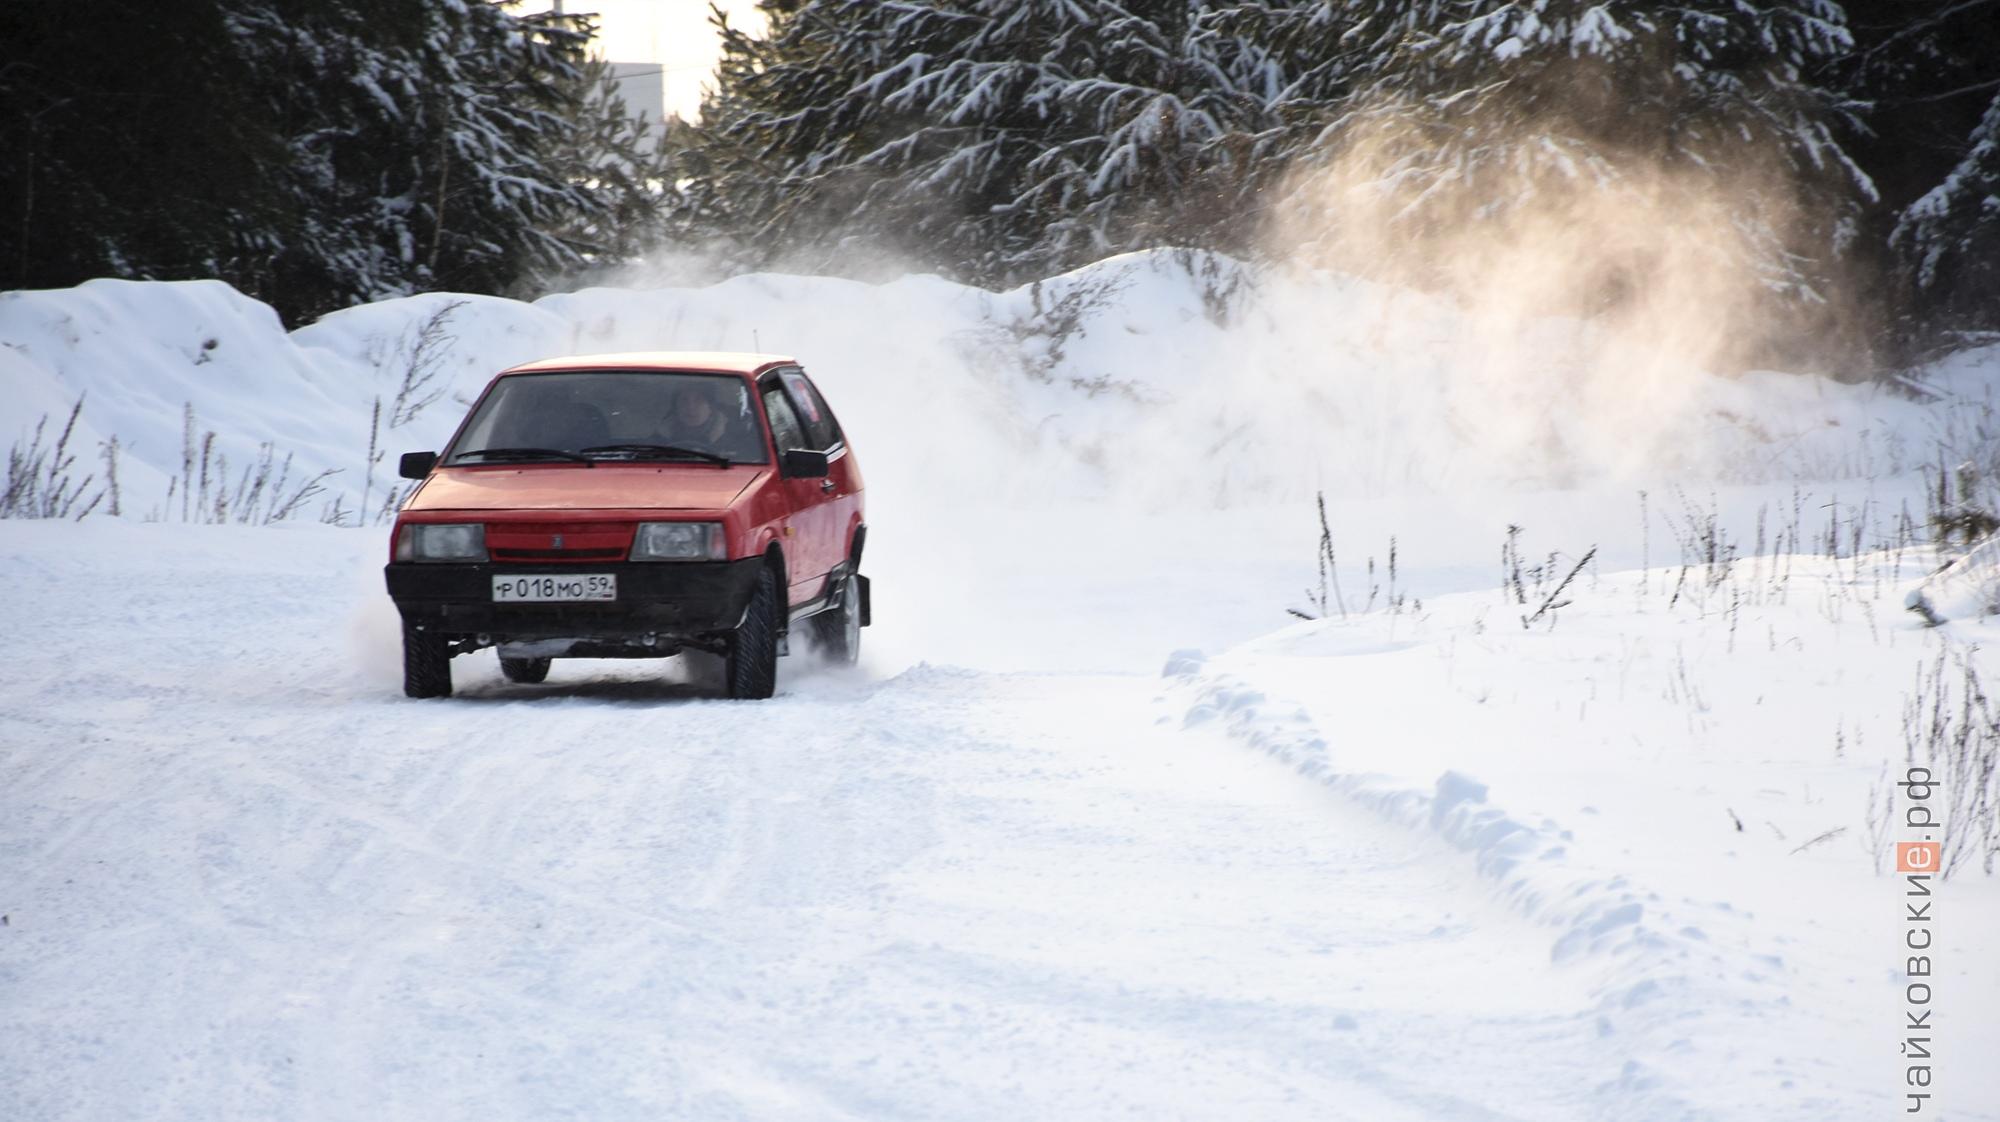 первый снег, чайковский район, 2019 год